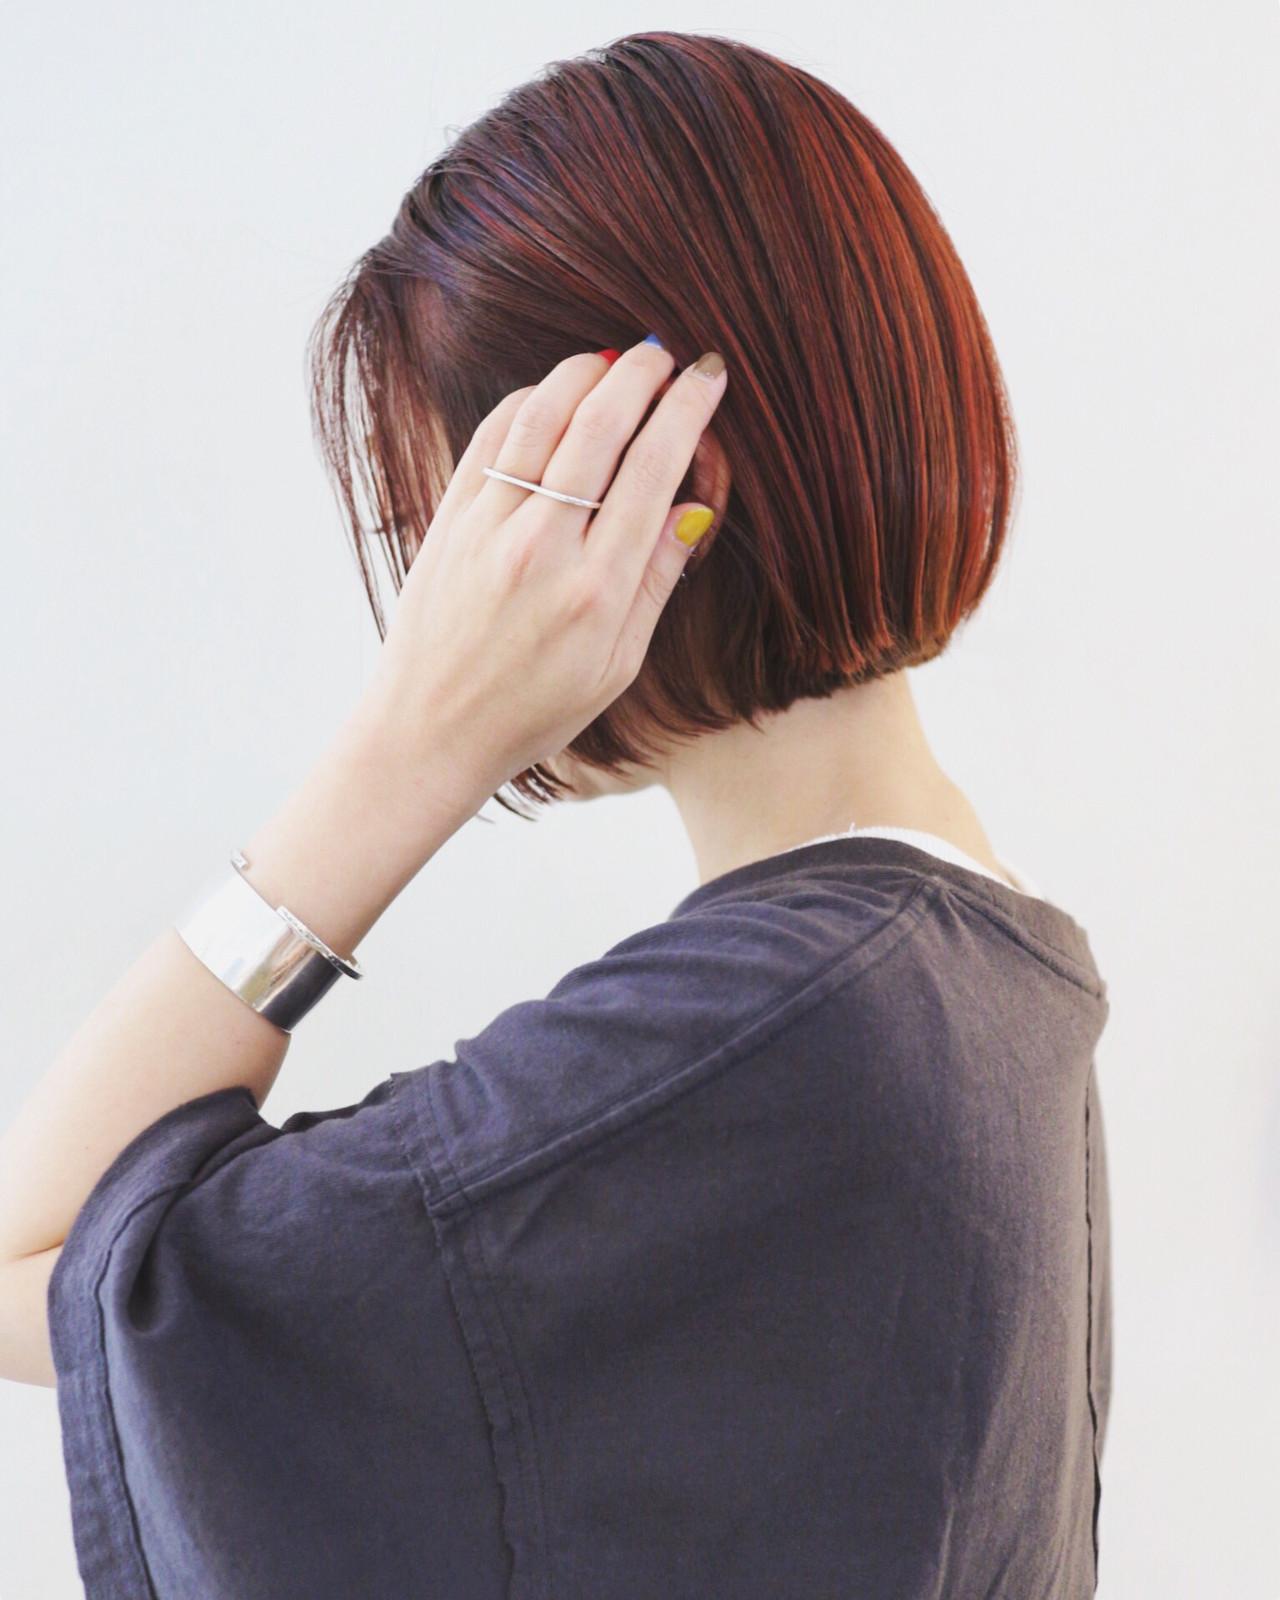 切りっぱなしボブ ボブ ミニボブ ストリート ヘアスタイルや髪型の写真・画像 | 三好 佳奈美 / Baco.(バコ)